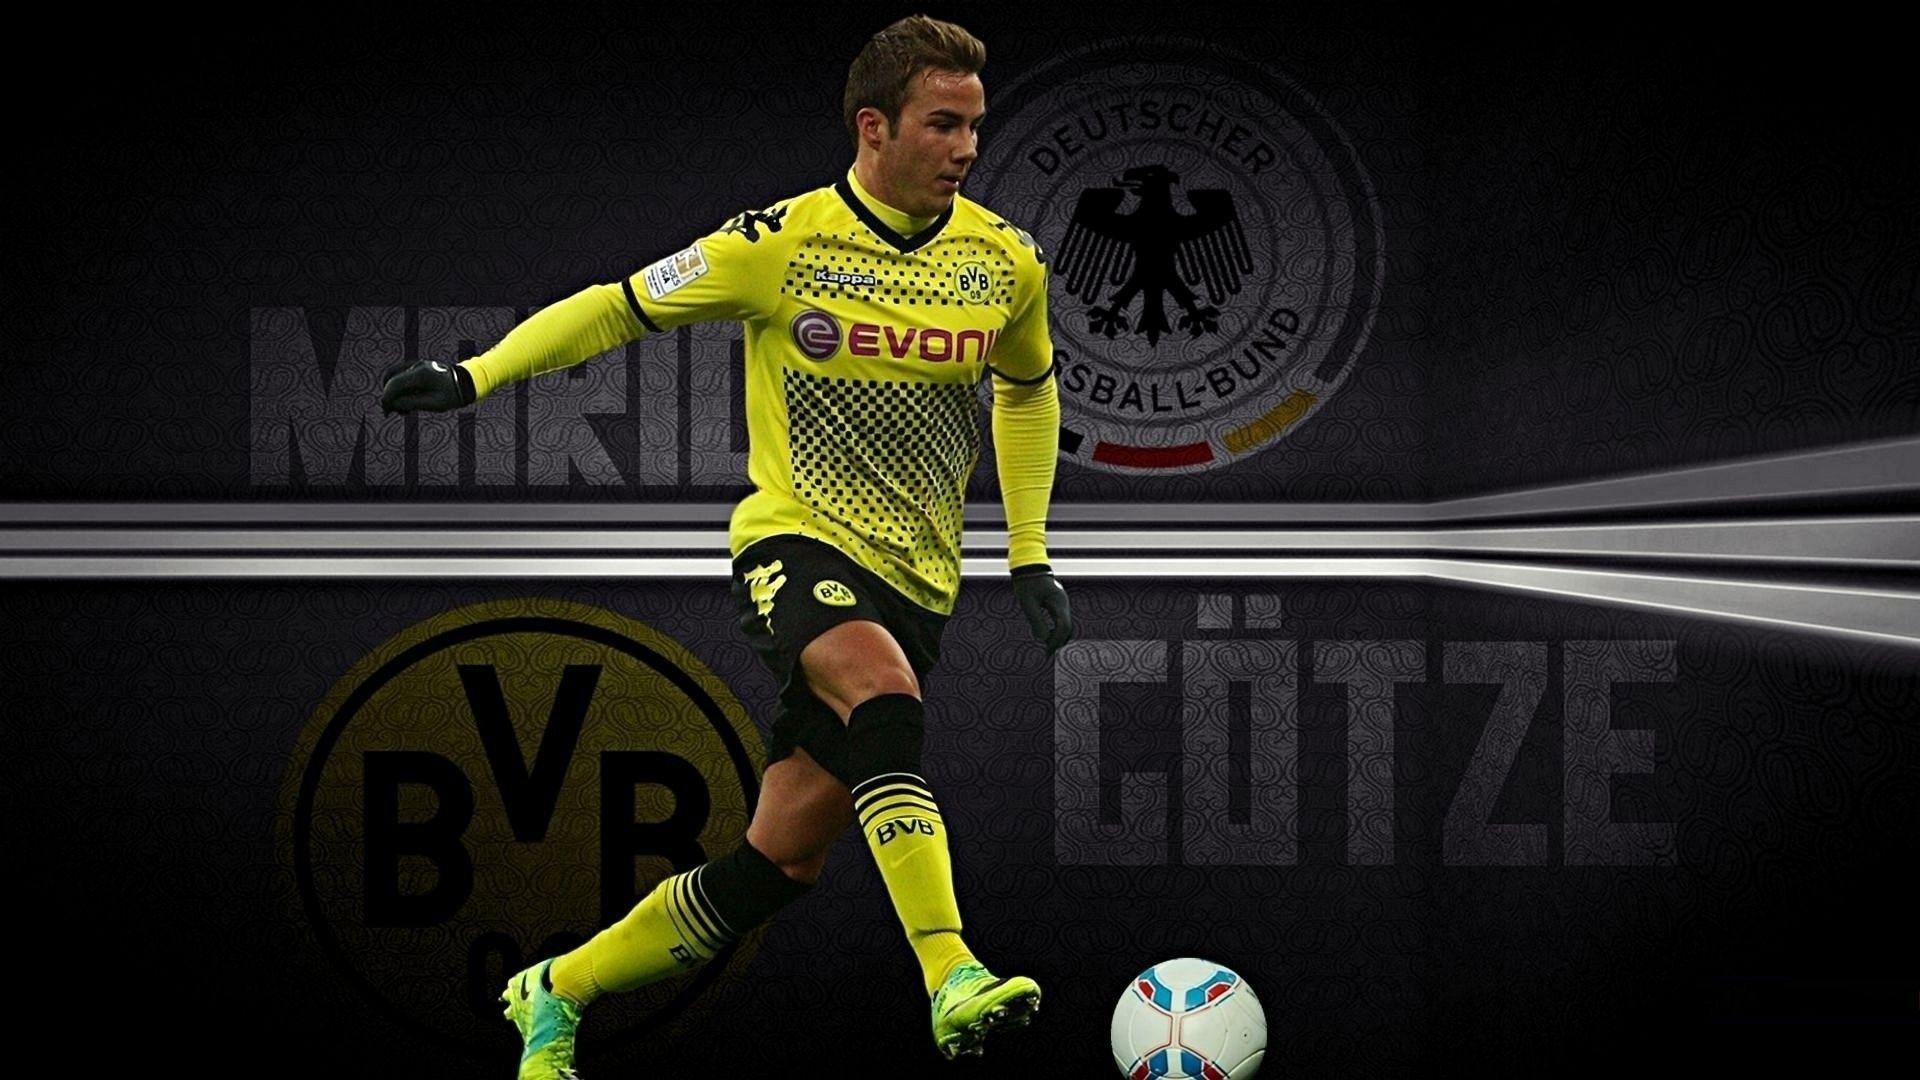 Mario Gotze Borussia Dortmund Wallpapers Wallpaper Cave